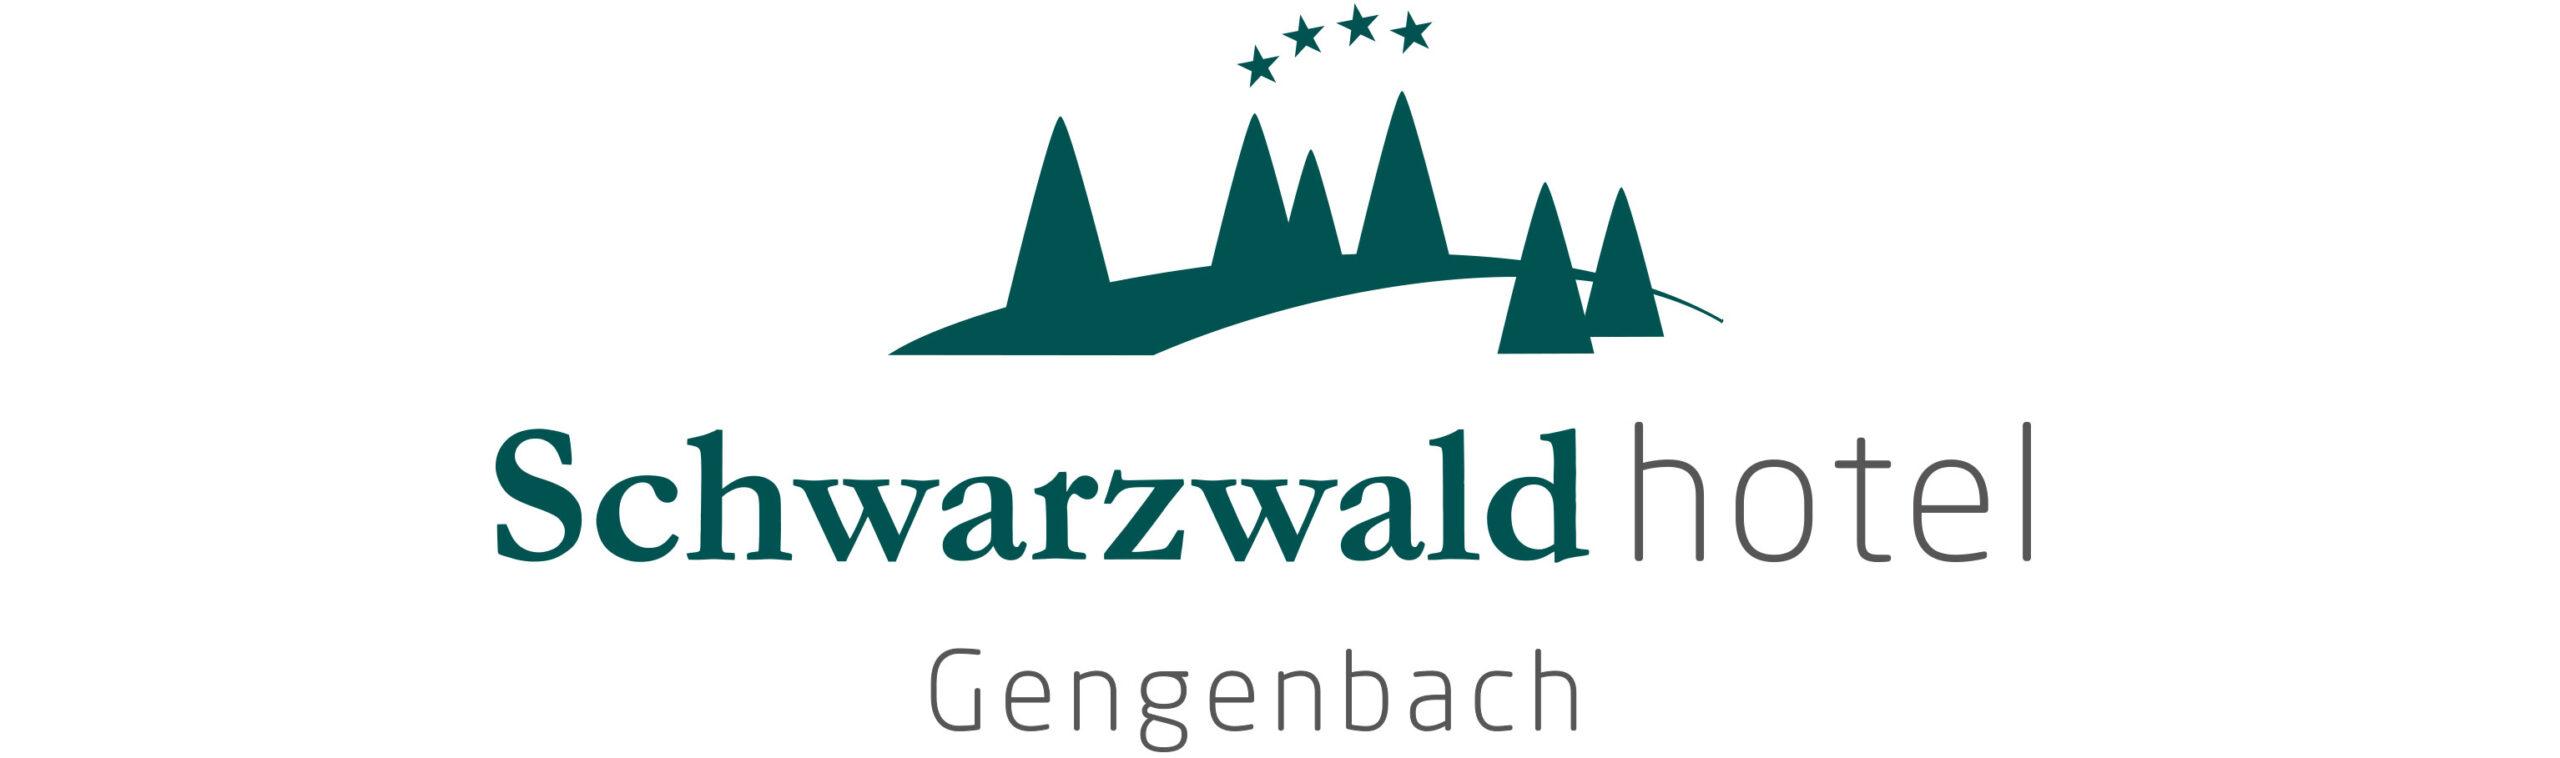 Schwarzwaldhotel Logogestaltung margate scaled